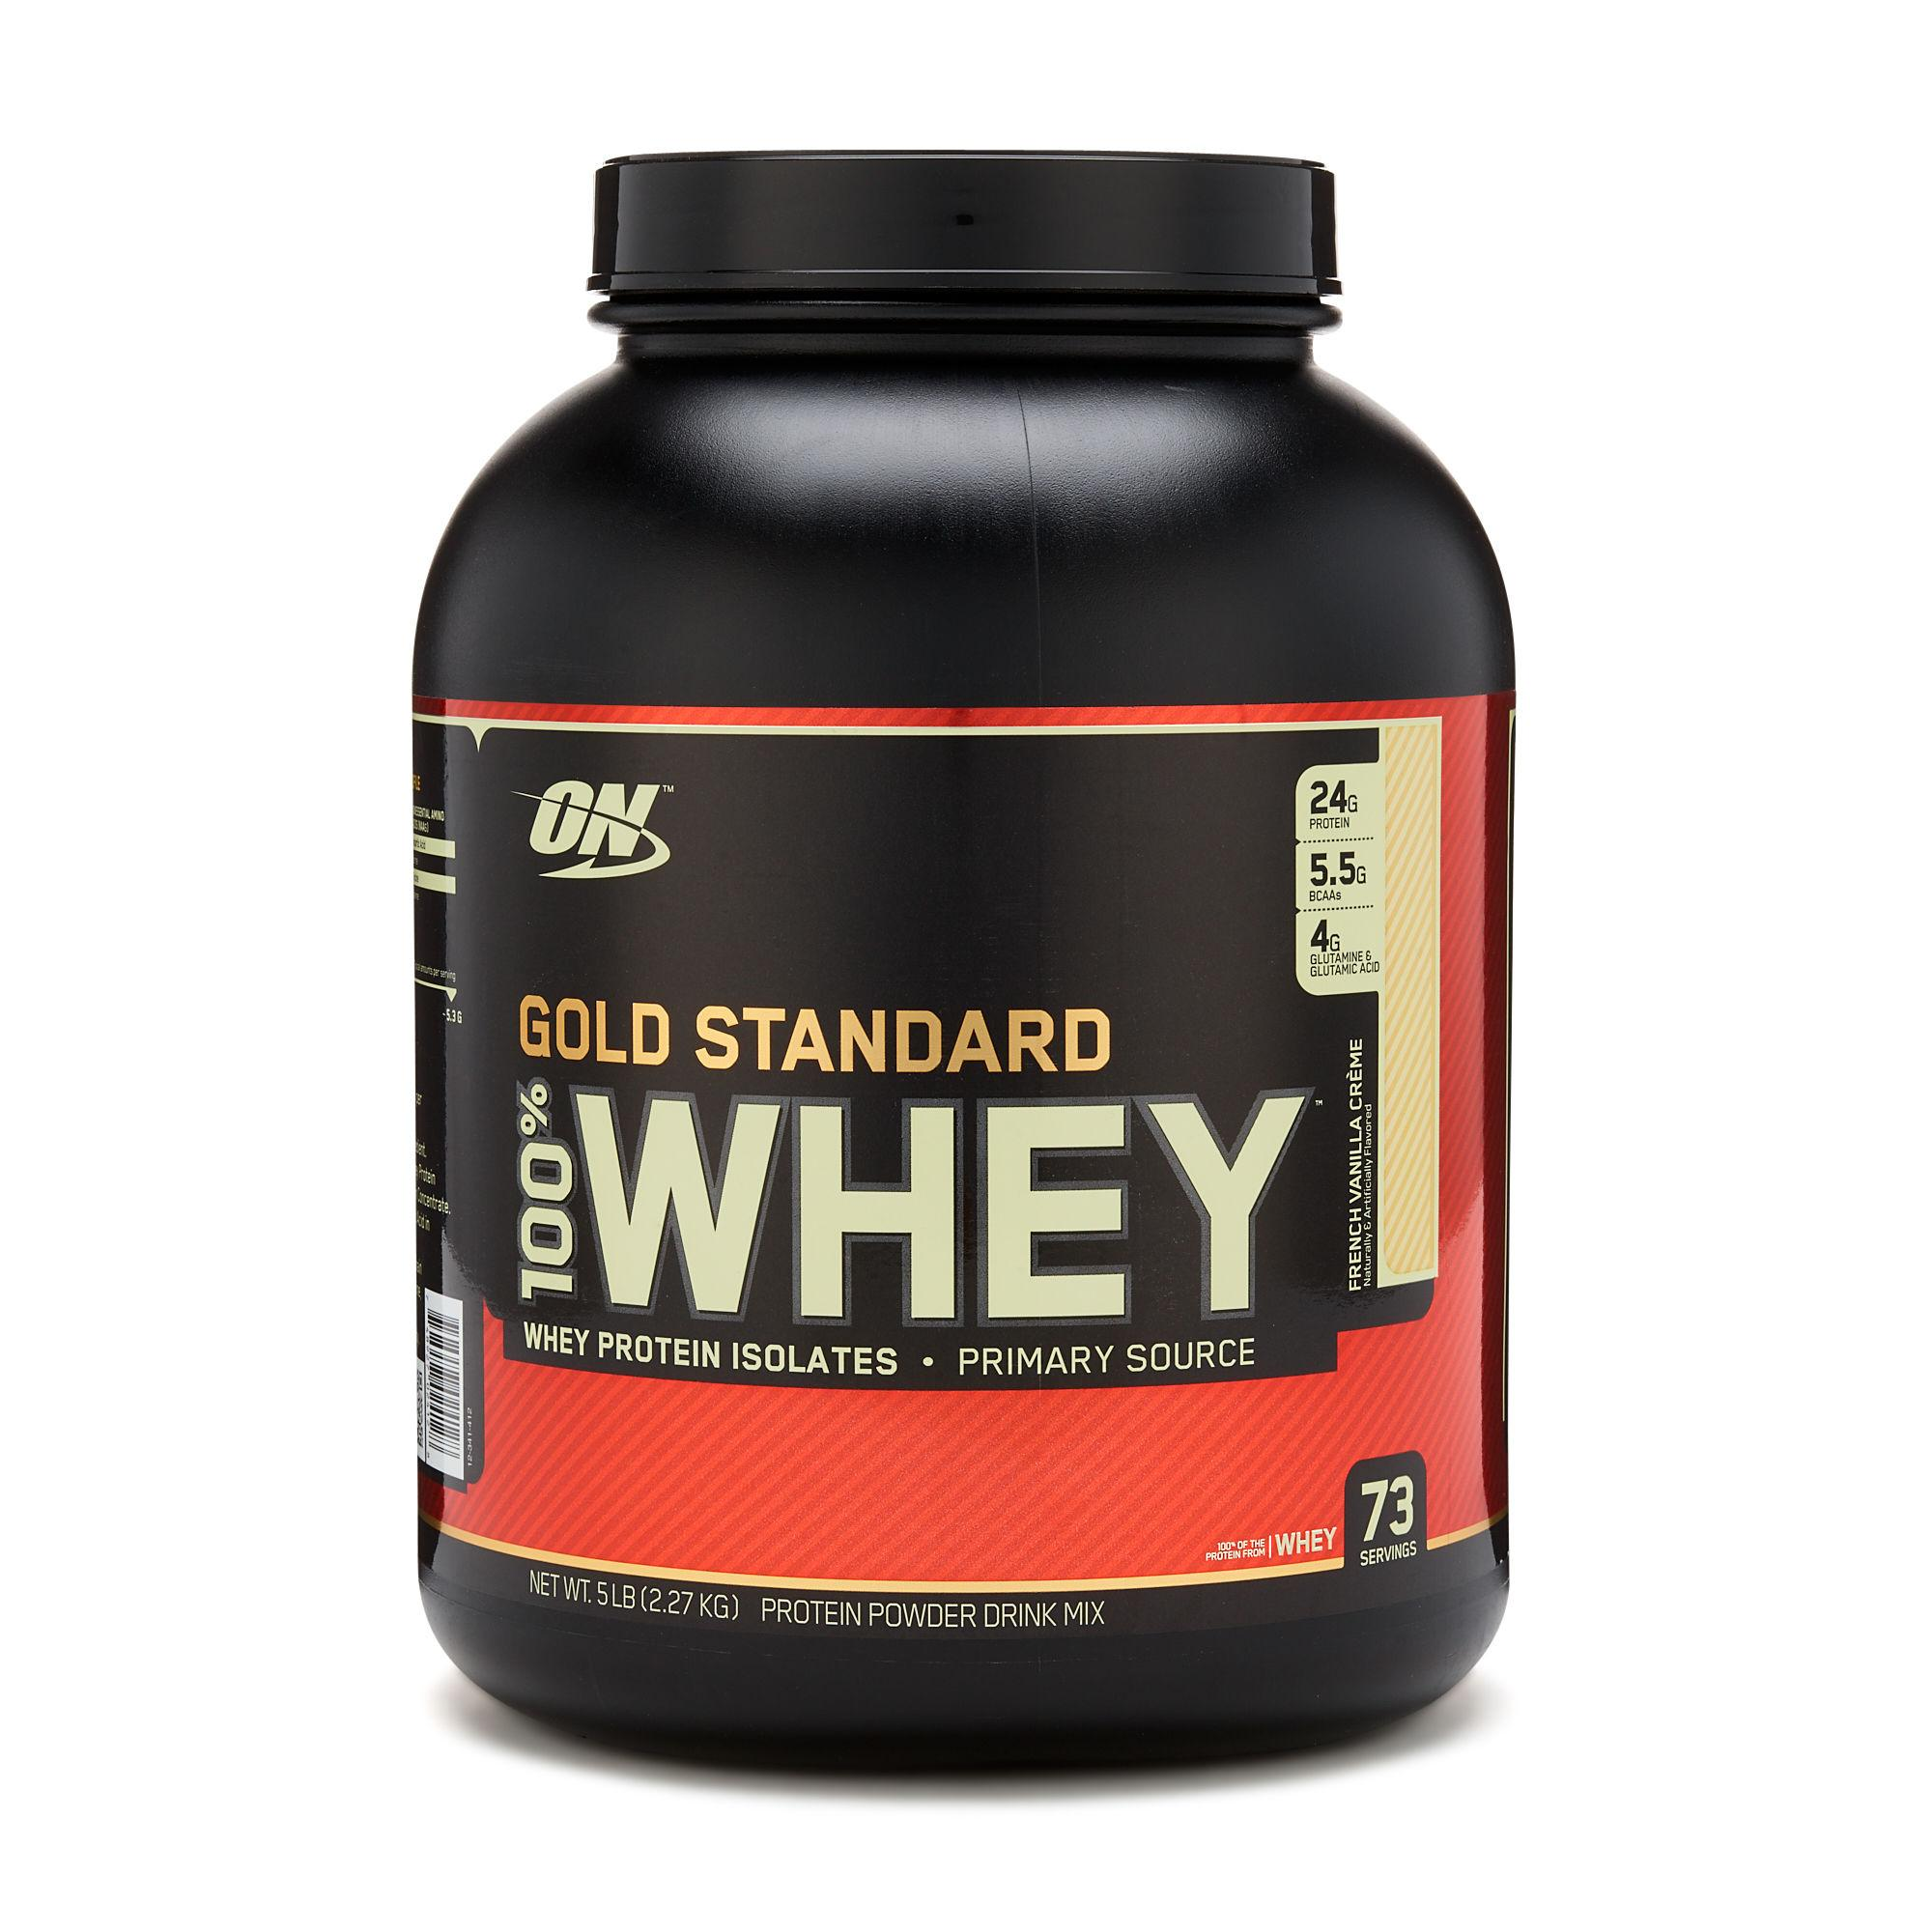 Thực Phẩm Bổ Sung Protein Optimum Nutrition Whey Gold Standard 5Lbs Giá Rẻ Nhất Thị Trường